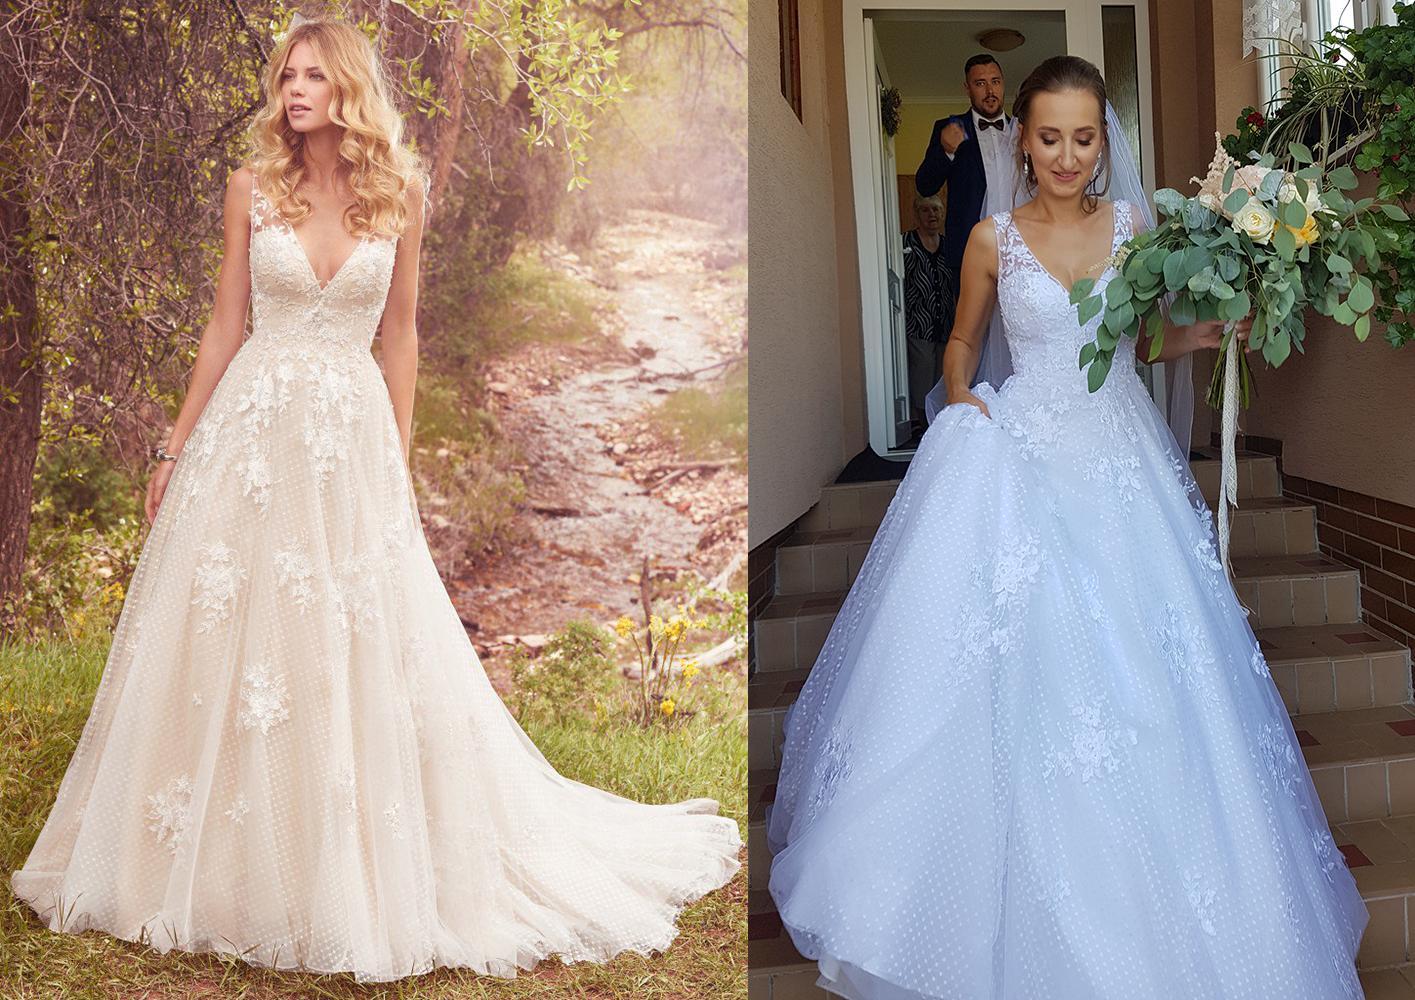 Svadobné šaty na modelke a na reálnej neveste - Nevesta @stanka_t a jej svadobné šaty Maggie Sottero Meryl zo Salónu El v Bratislave.